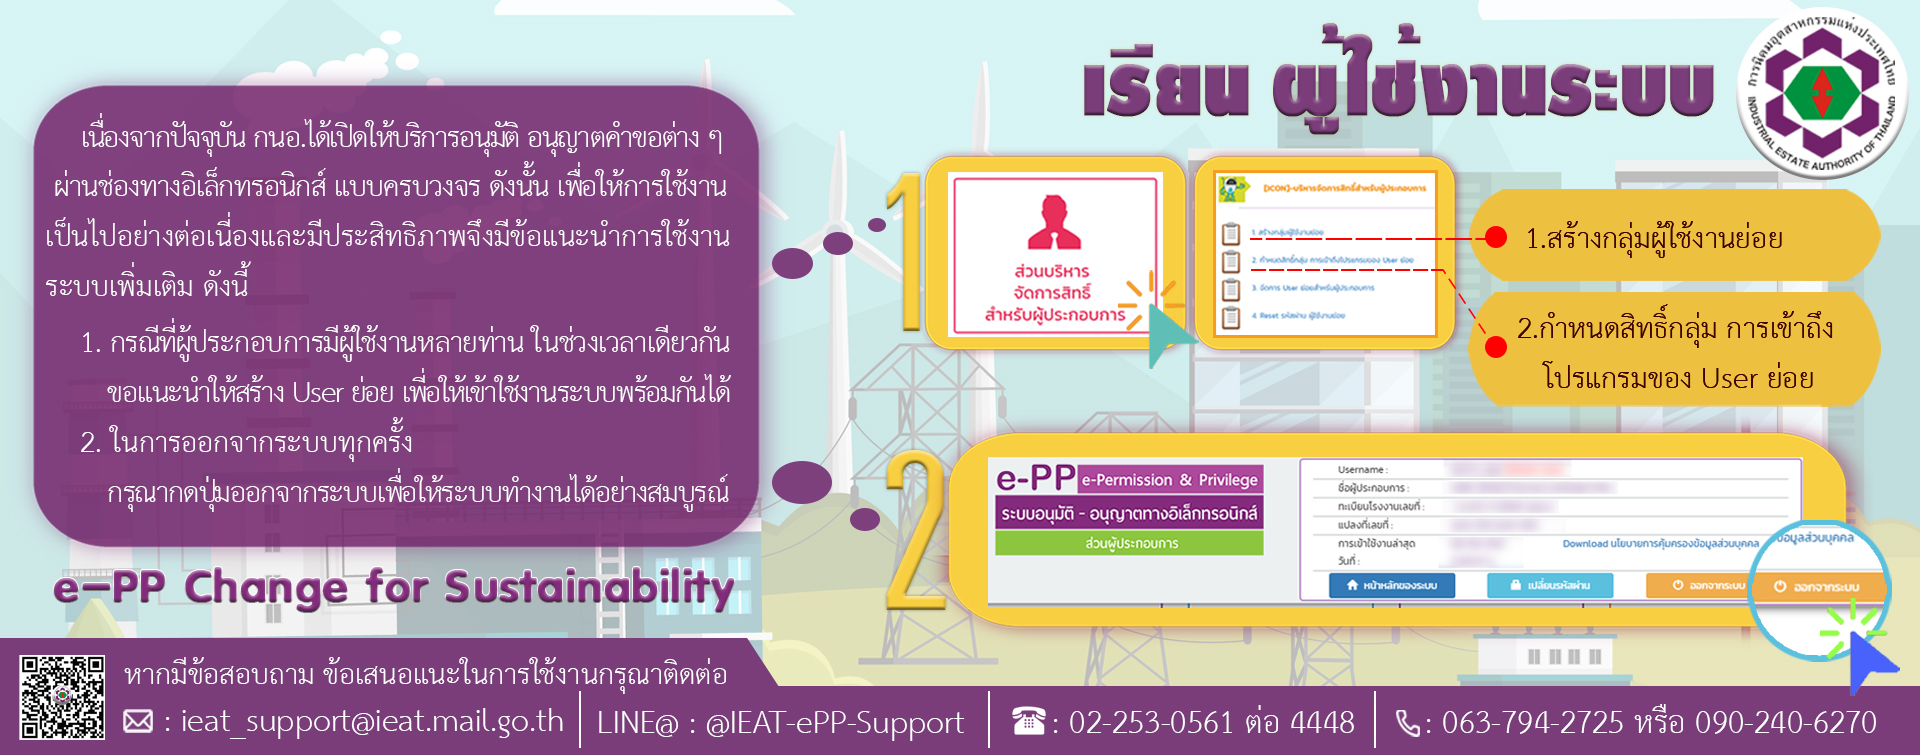 e-PP (e-Permission Privilege) ระบบอนุมัติ อนุญาตทางอิเล็กทรอนิกส์